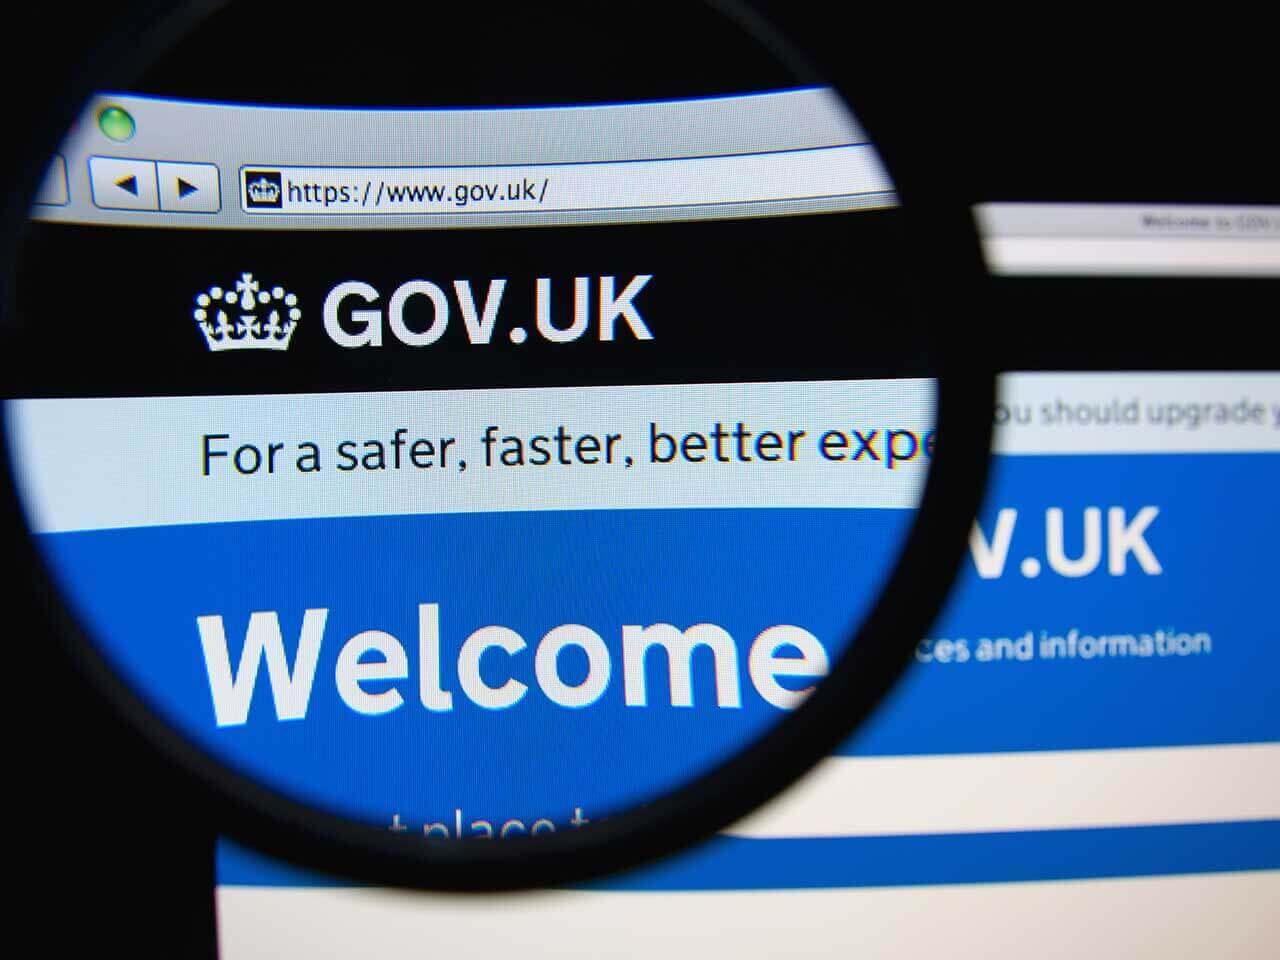 Birleşik Krallık Ticaret Politikası Savunma Araçları Birimi kuruyor